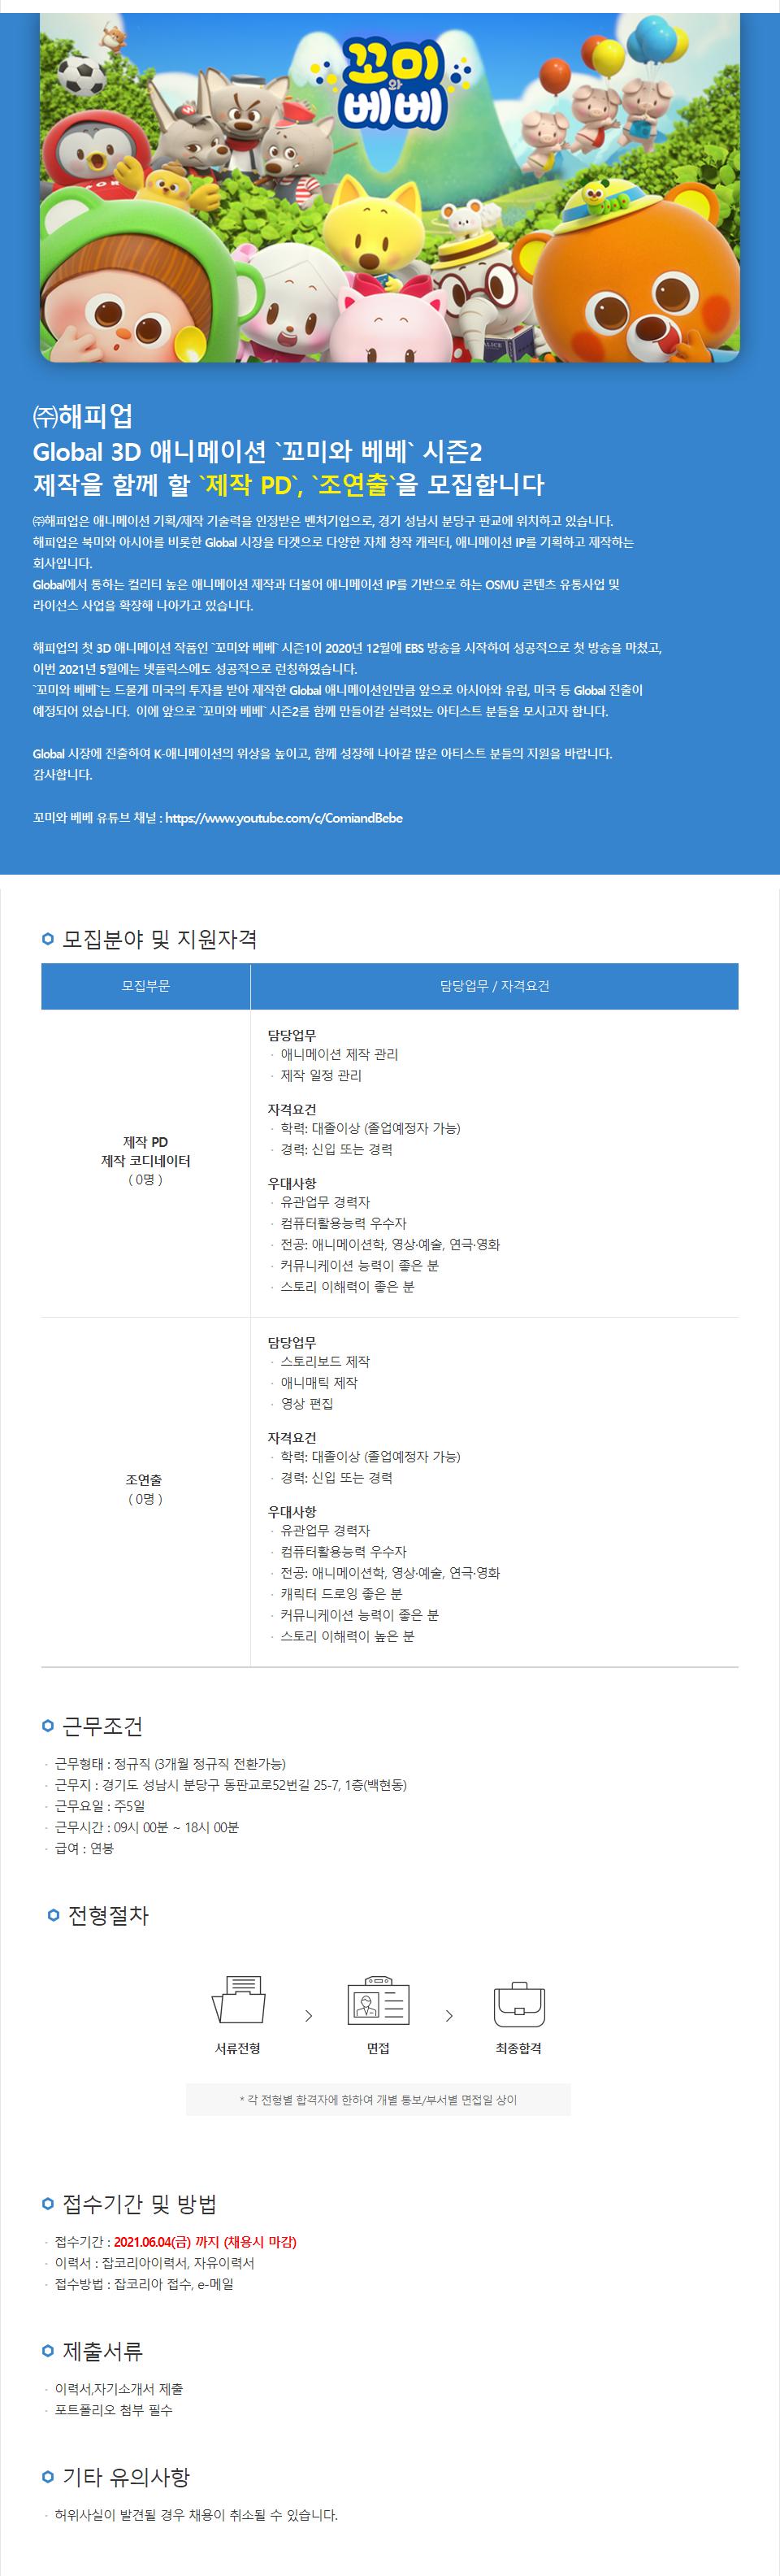 구인1_PD 조연출_트림.png